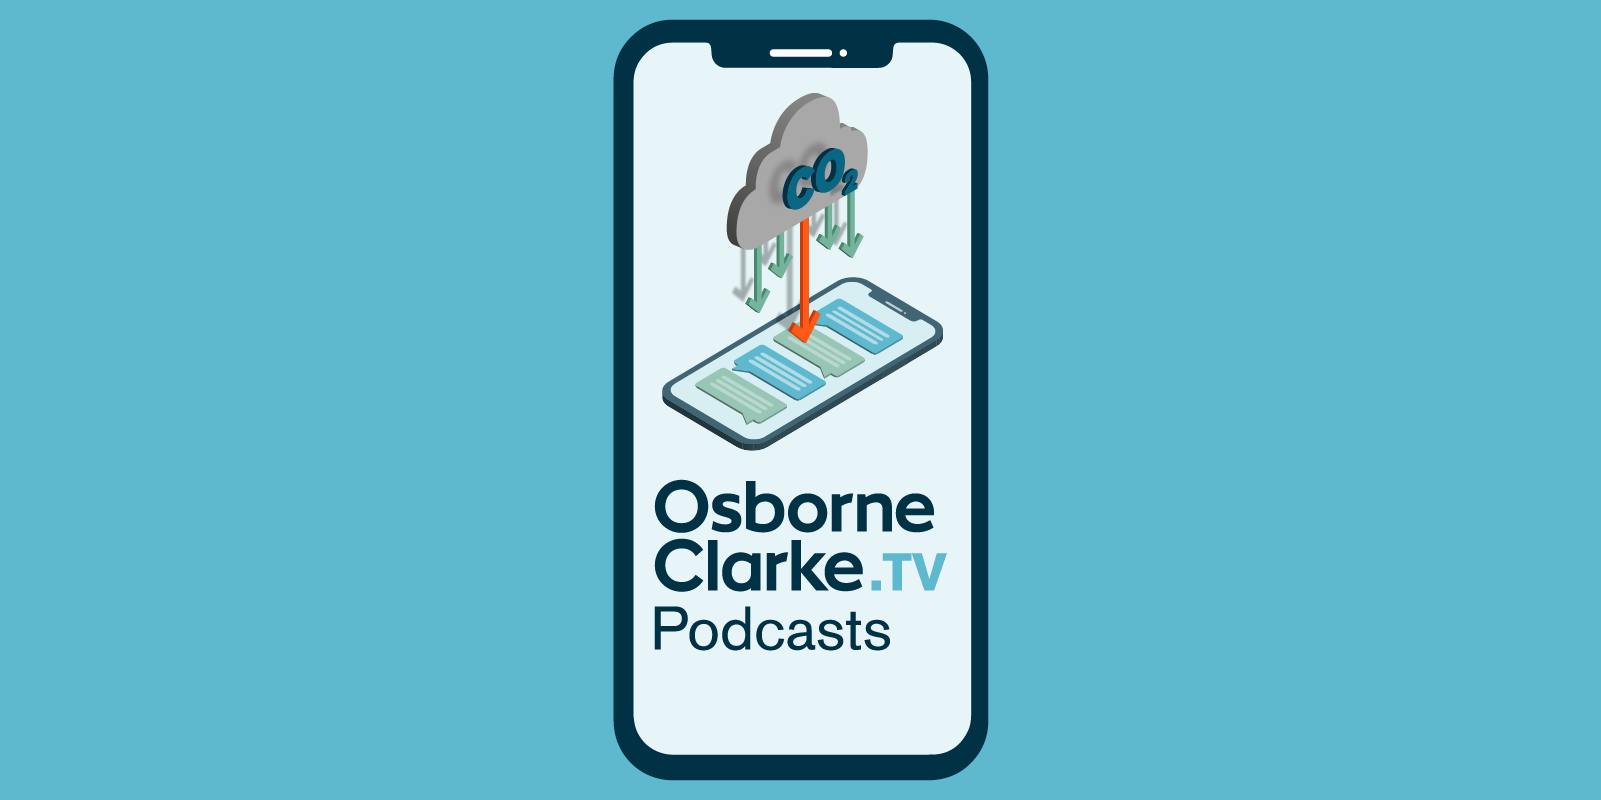 Decarbonisation podcast website banner